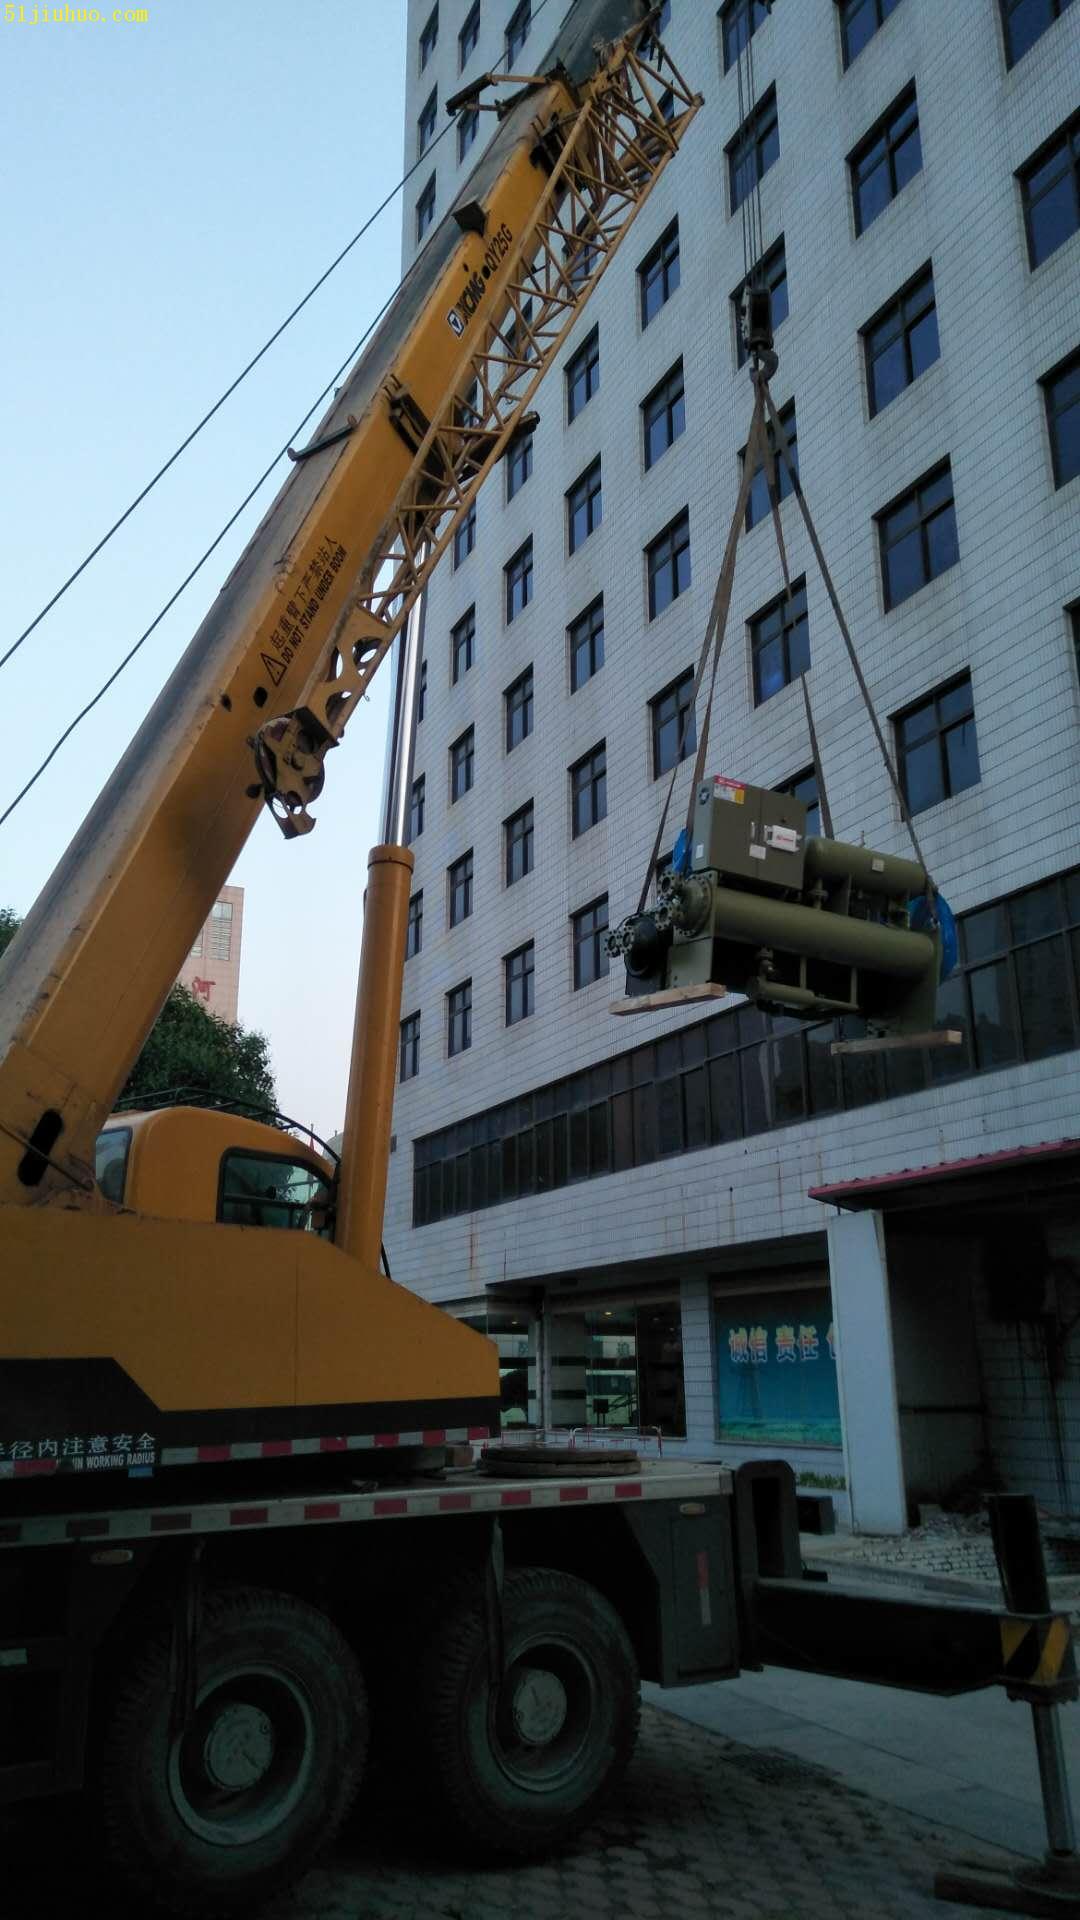 石家庄吊车出租_起重吊装首选 安全高效吊装服务